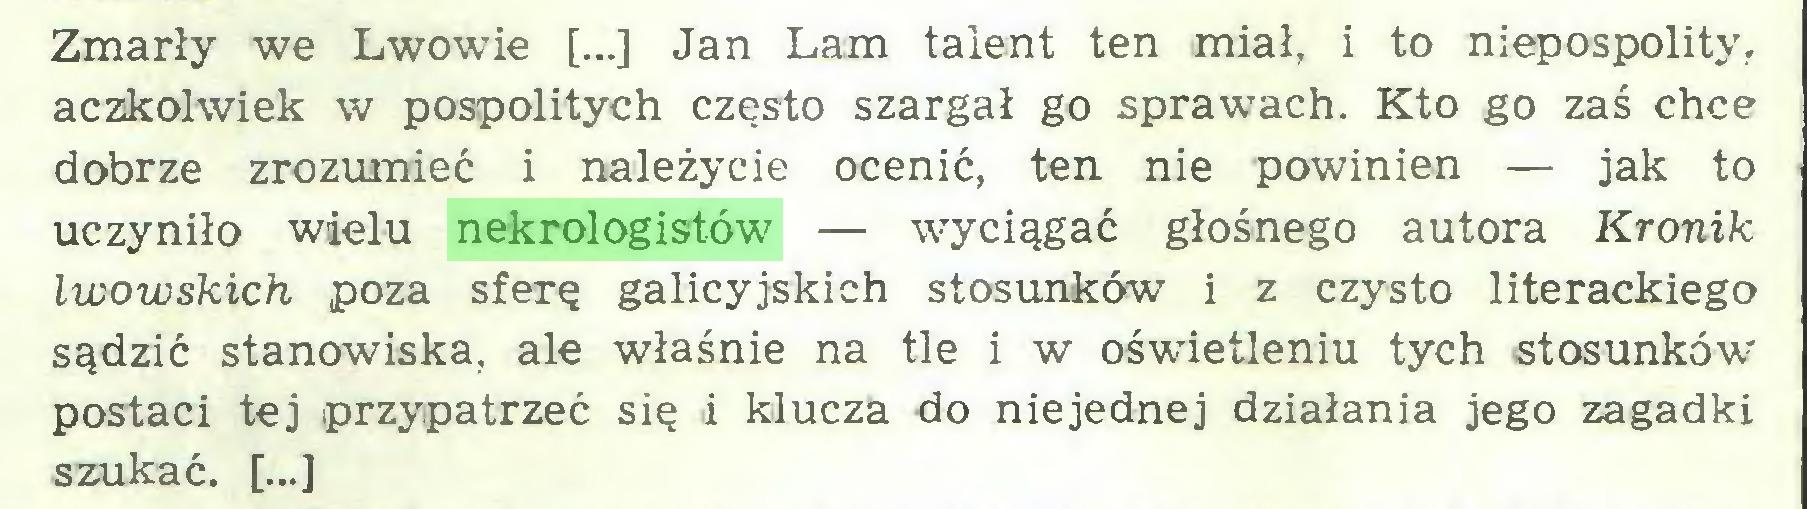 (...) Zmarły we Lwowie [...] Jan Lam talent ten miał, i to niepospolity, aczkolwiek w pospolitych często szargał go sprawcach. Kto go zaś chce dobrze zrozumieć i należycie ocenić, ten nie powinien — jak to uczyniło wielu nekrologistów — wyciągać głośnego autora Kronik lwowskich poza sferę galicyjskich stosunków i z czysto literackiego sądzić stanowiska, ale właśnie na tle i w oświetleniu tych stosunków postaci tej przypatrzeć się i klucza do niejednej działania jego zagadki szukać. [...]...